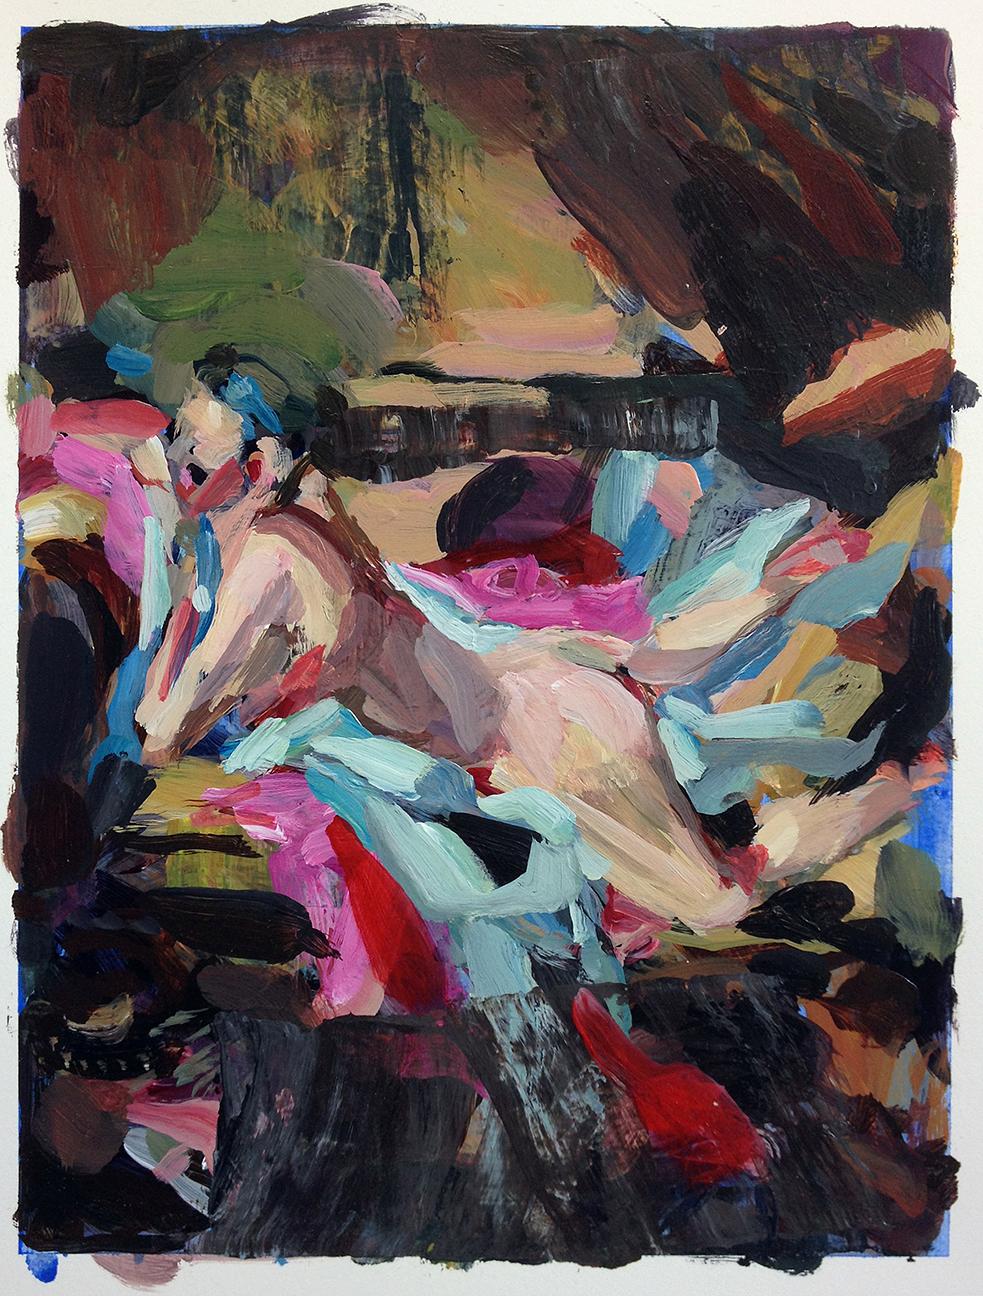 Untitled (Boucher)